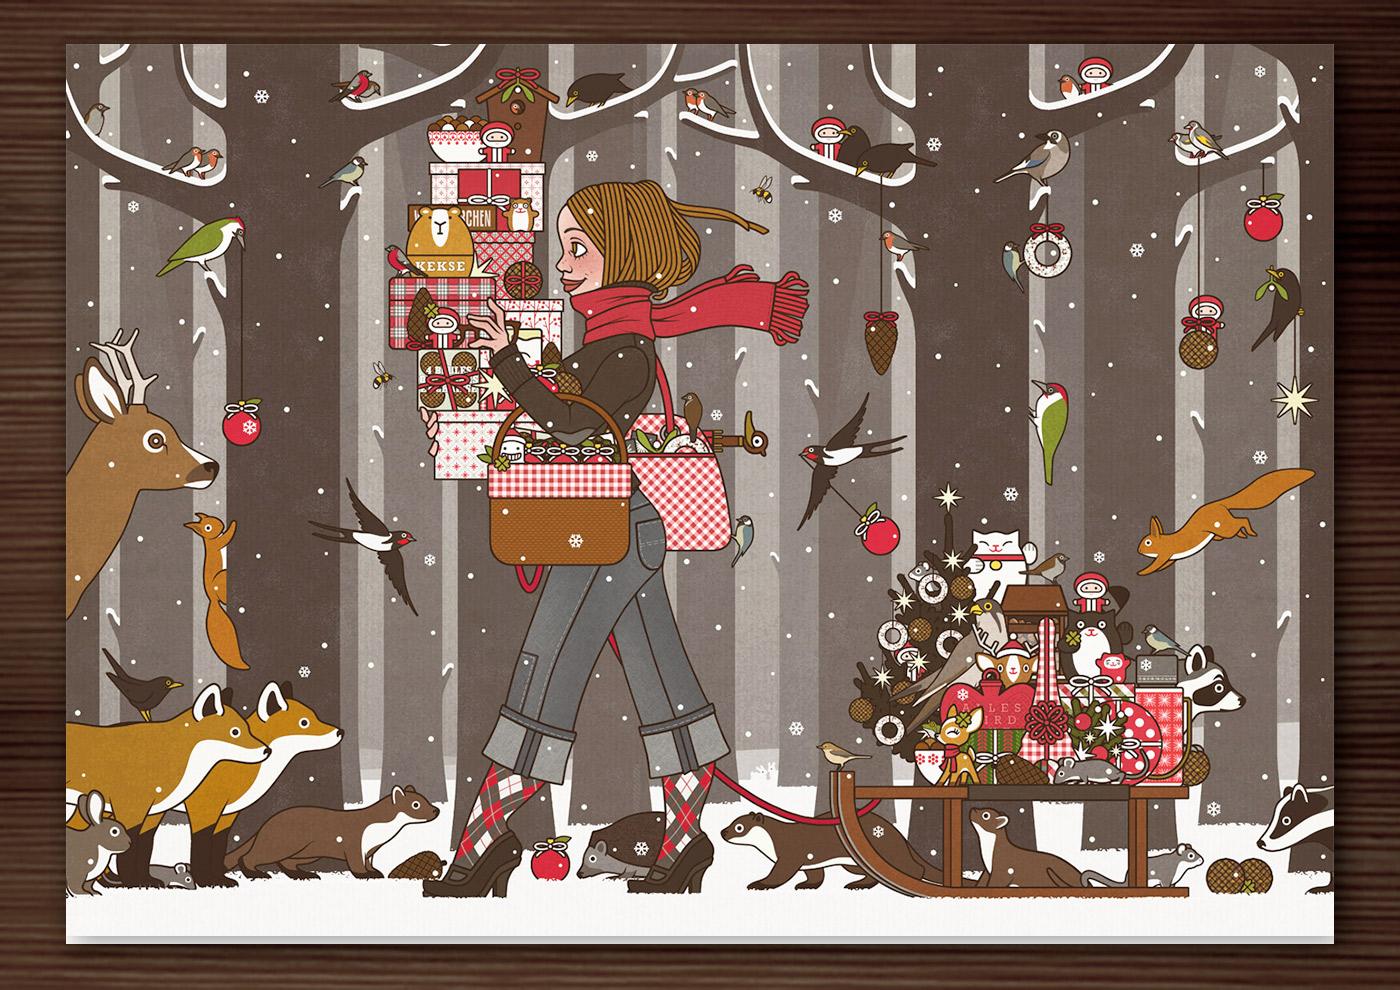 Weihnachtskarte mit der Zeichnung von einem Mädchen, das im Winter und zur Feier des Advents im winterlich verschneiten Wald voller Vorfreude mit Geschenken und Schmuck wie Meisenknödeln, Meisenringen, Äpfeln und Vogelfutter für Waldtiere wie Eichhörnchen, Füchse, Rehe, Singvögel und Amseln unterwegs ist und dem Waschbär, Dachs und Marder einen Meisenknödel vom Schlitten stehlen, für Lily Lux von Iris Luckhaus